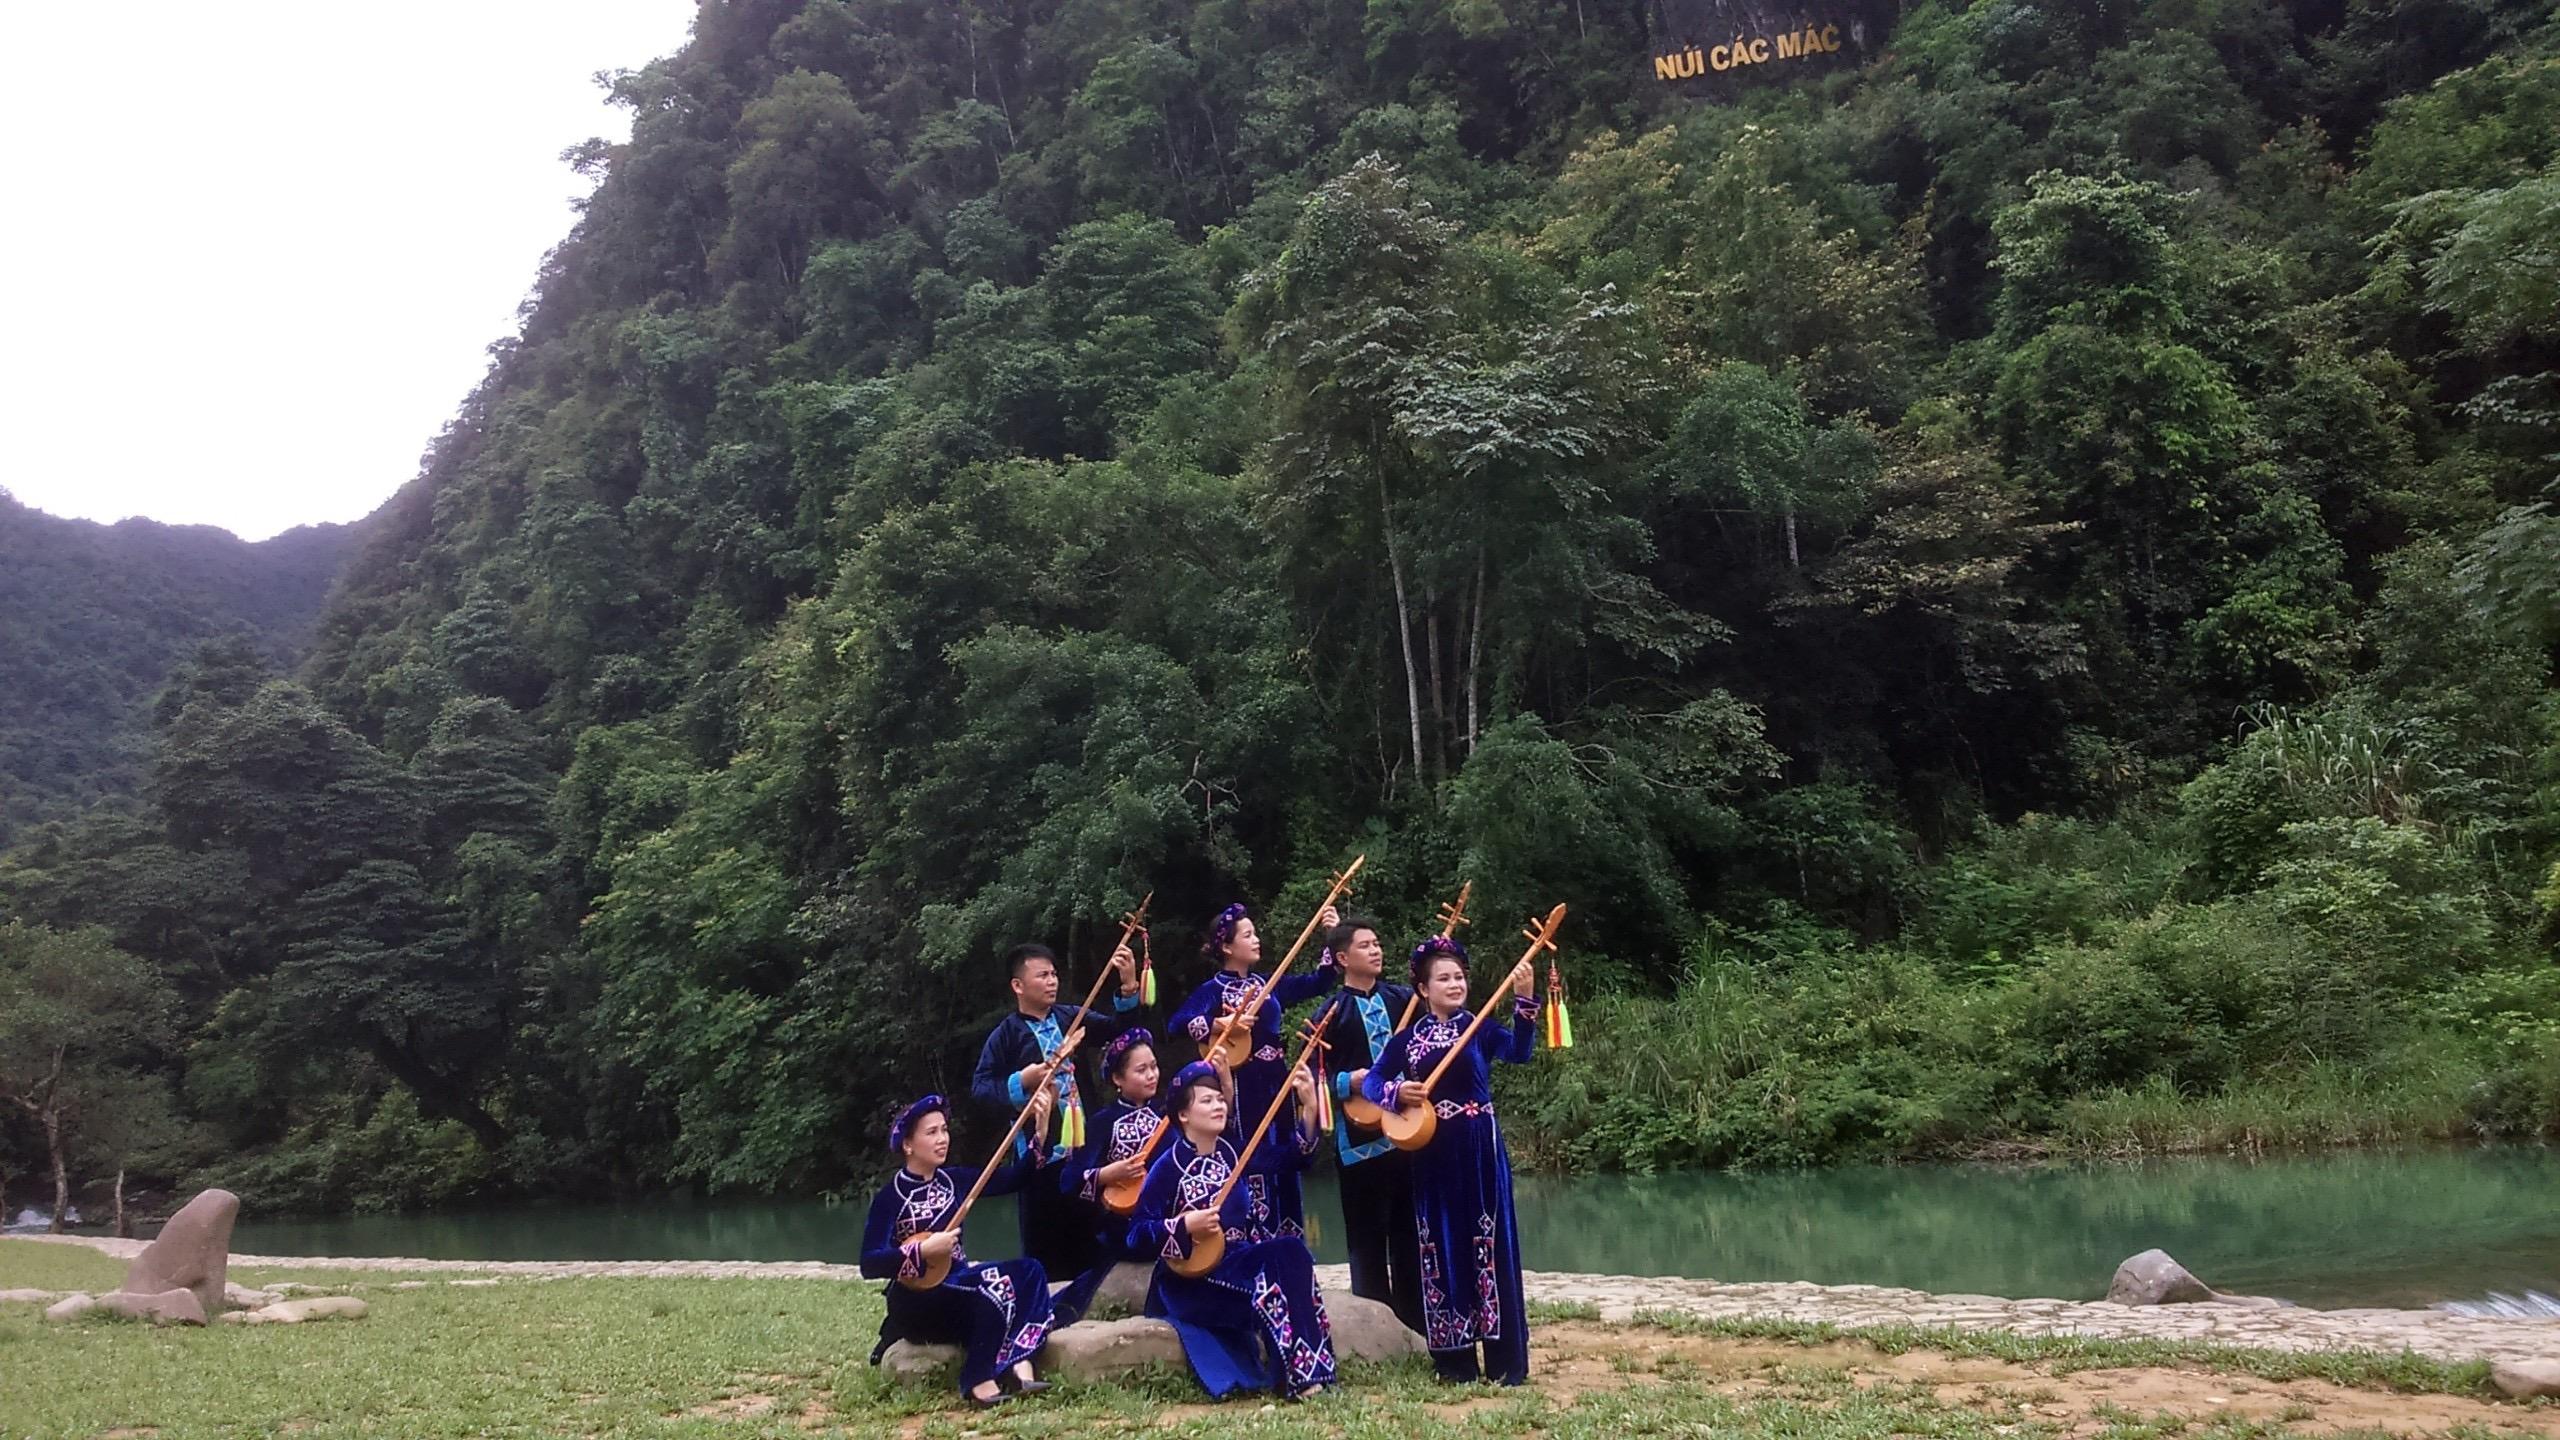 Các Đội dân ca xóm, bản ở Hà Quảng đã và đang góp phần giữ gìn nét văn hóa truyền thống của đồng bào DTTS.